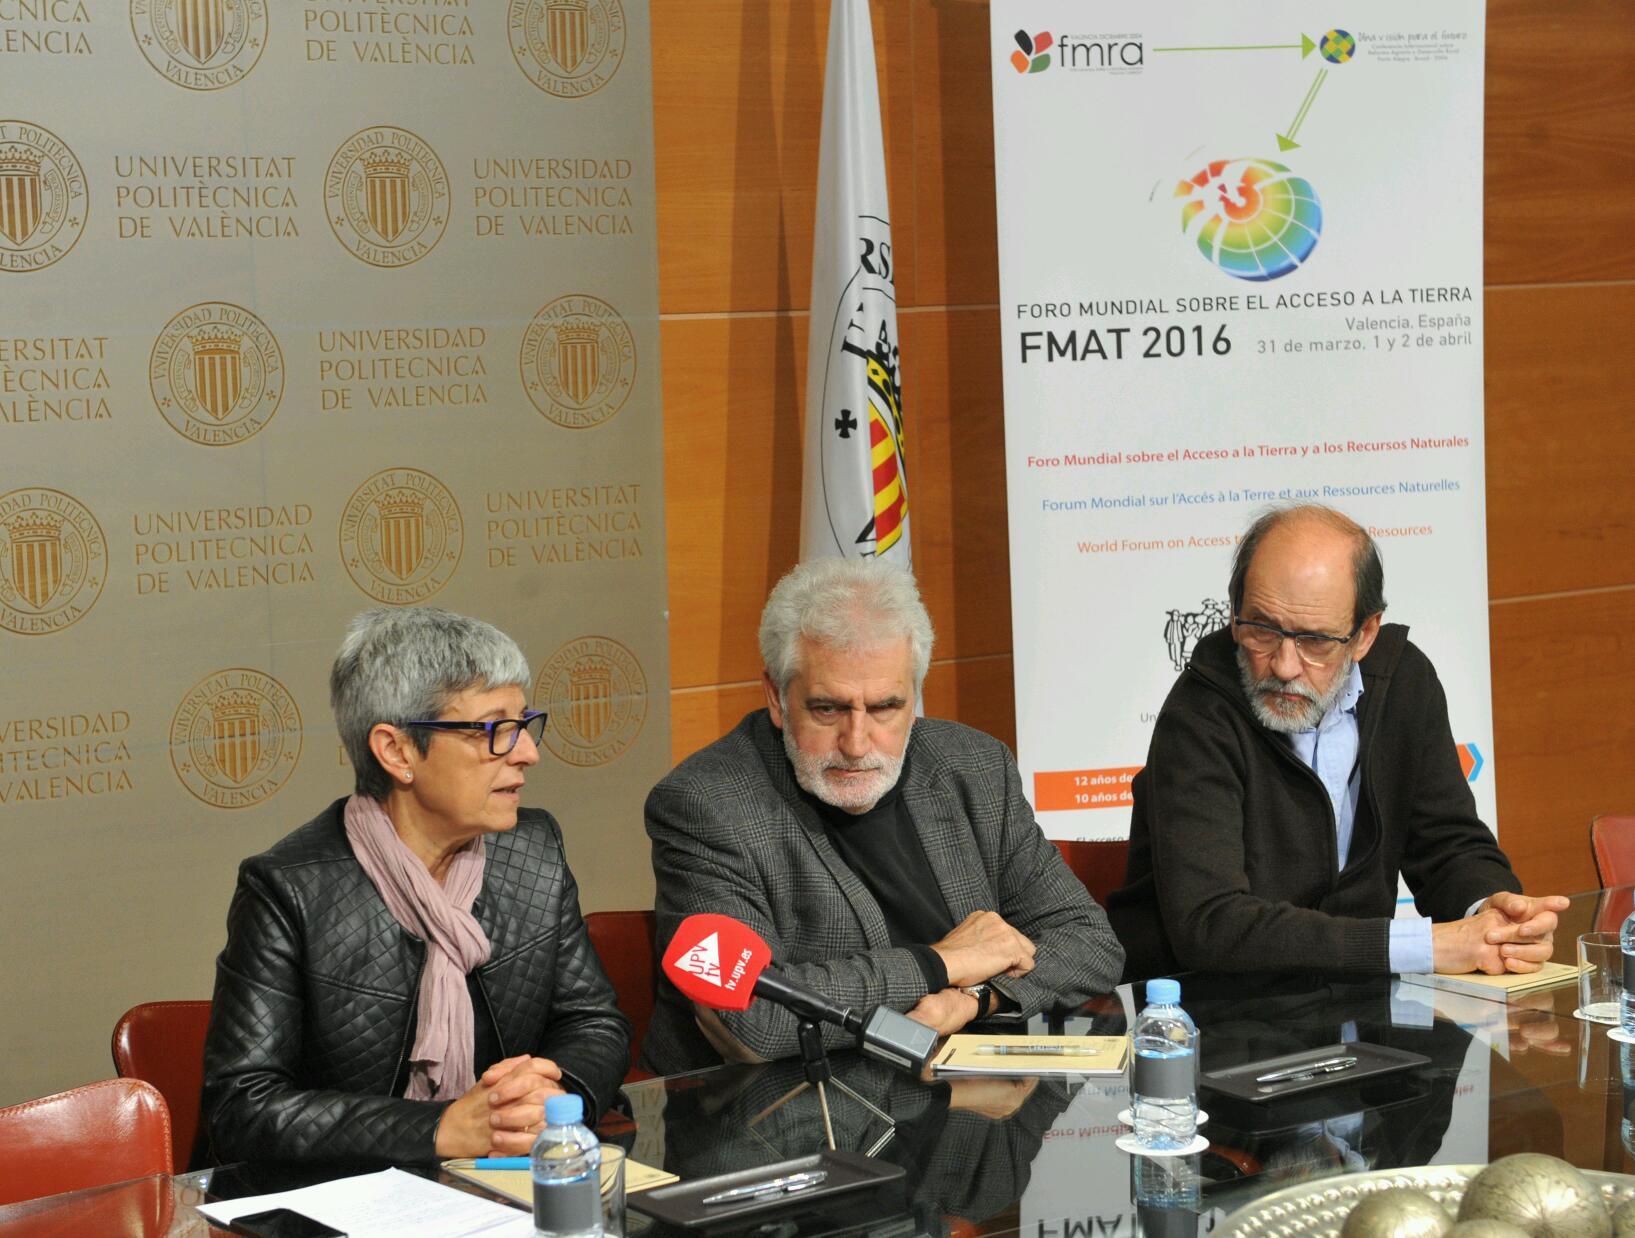 Del 31 de marzo al 2 de abril se celebrará en Valencia el Foro Mundial sobre el Acceso a la Tierra